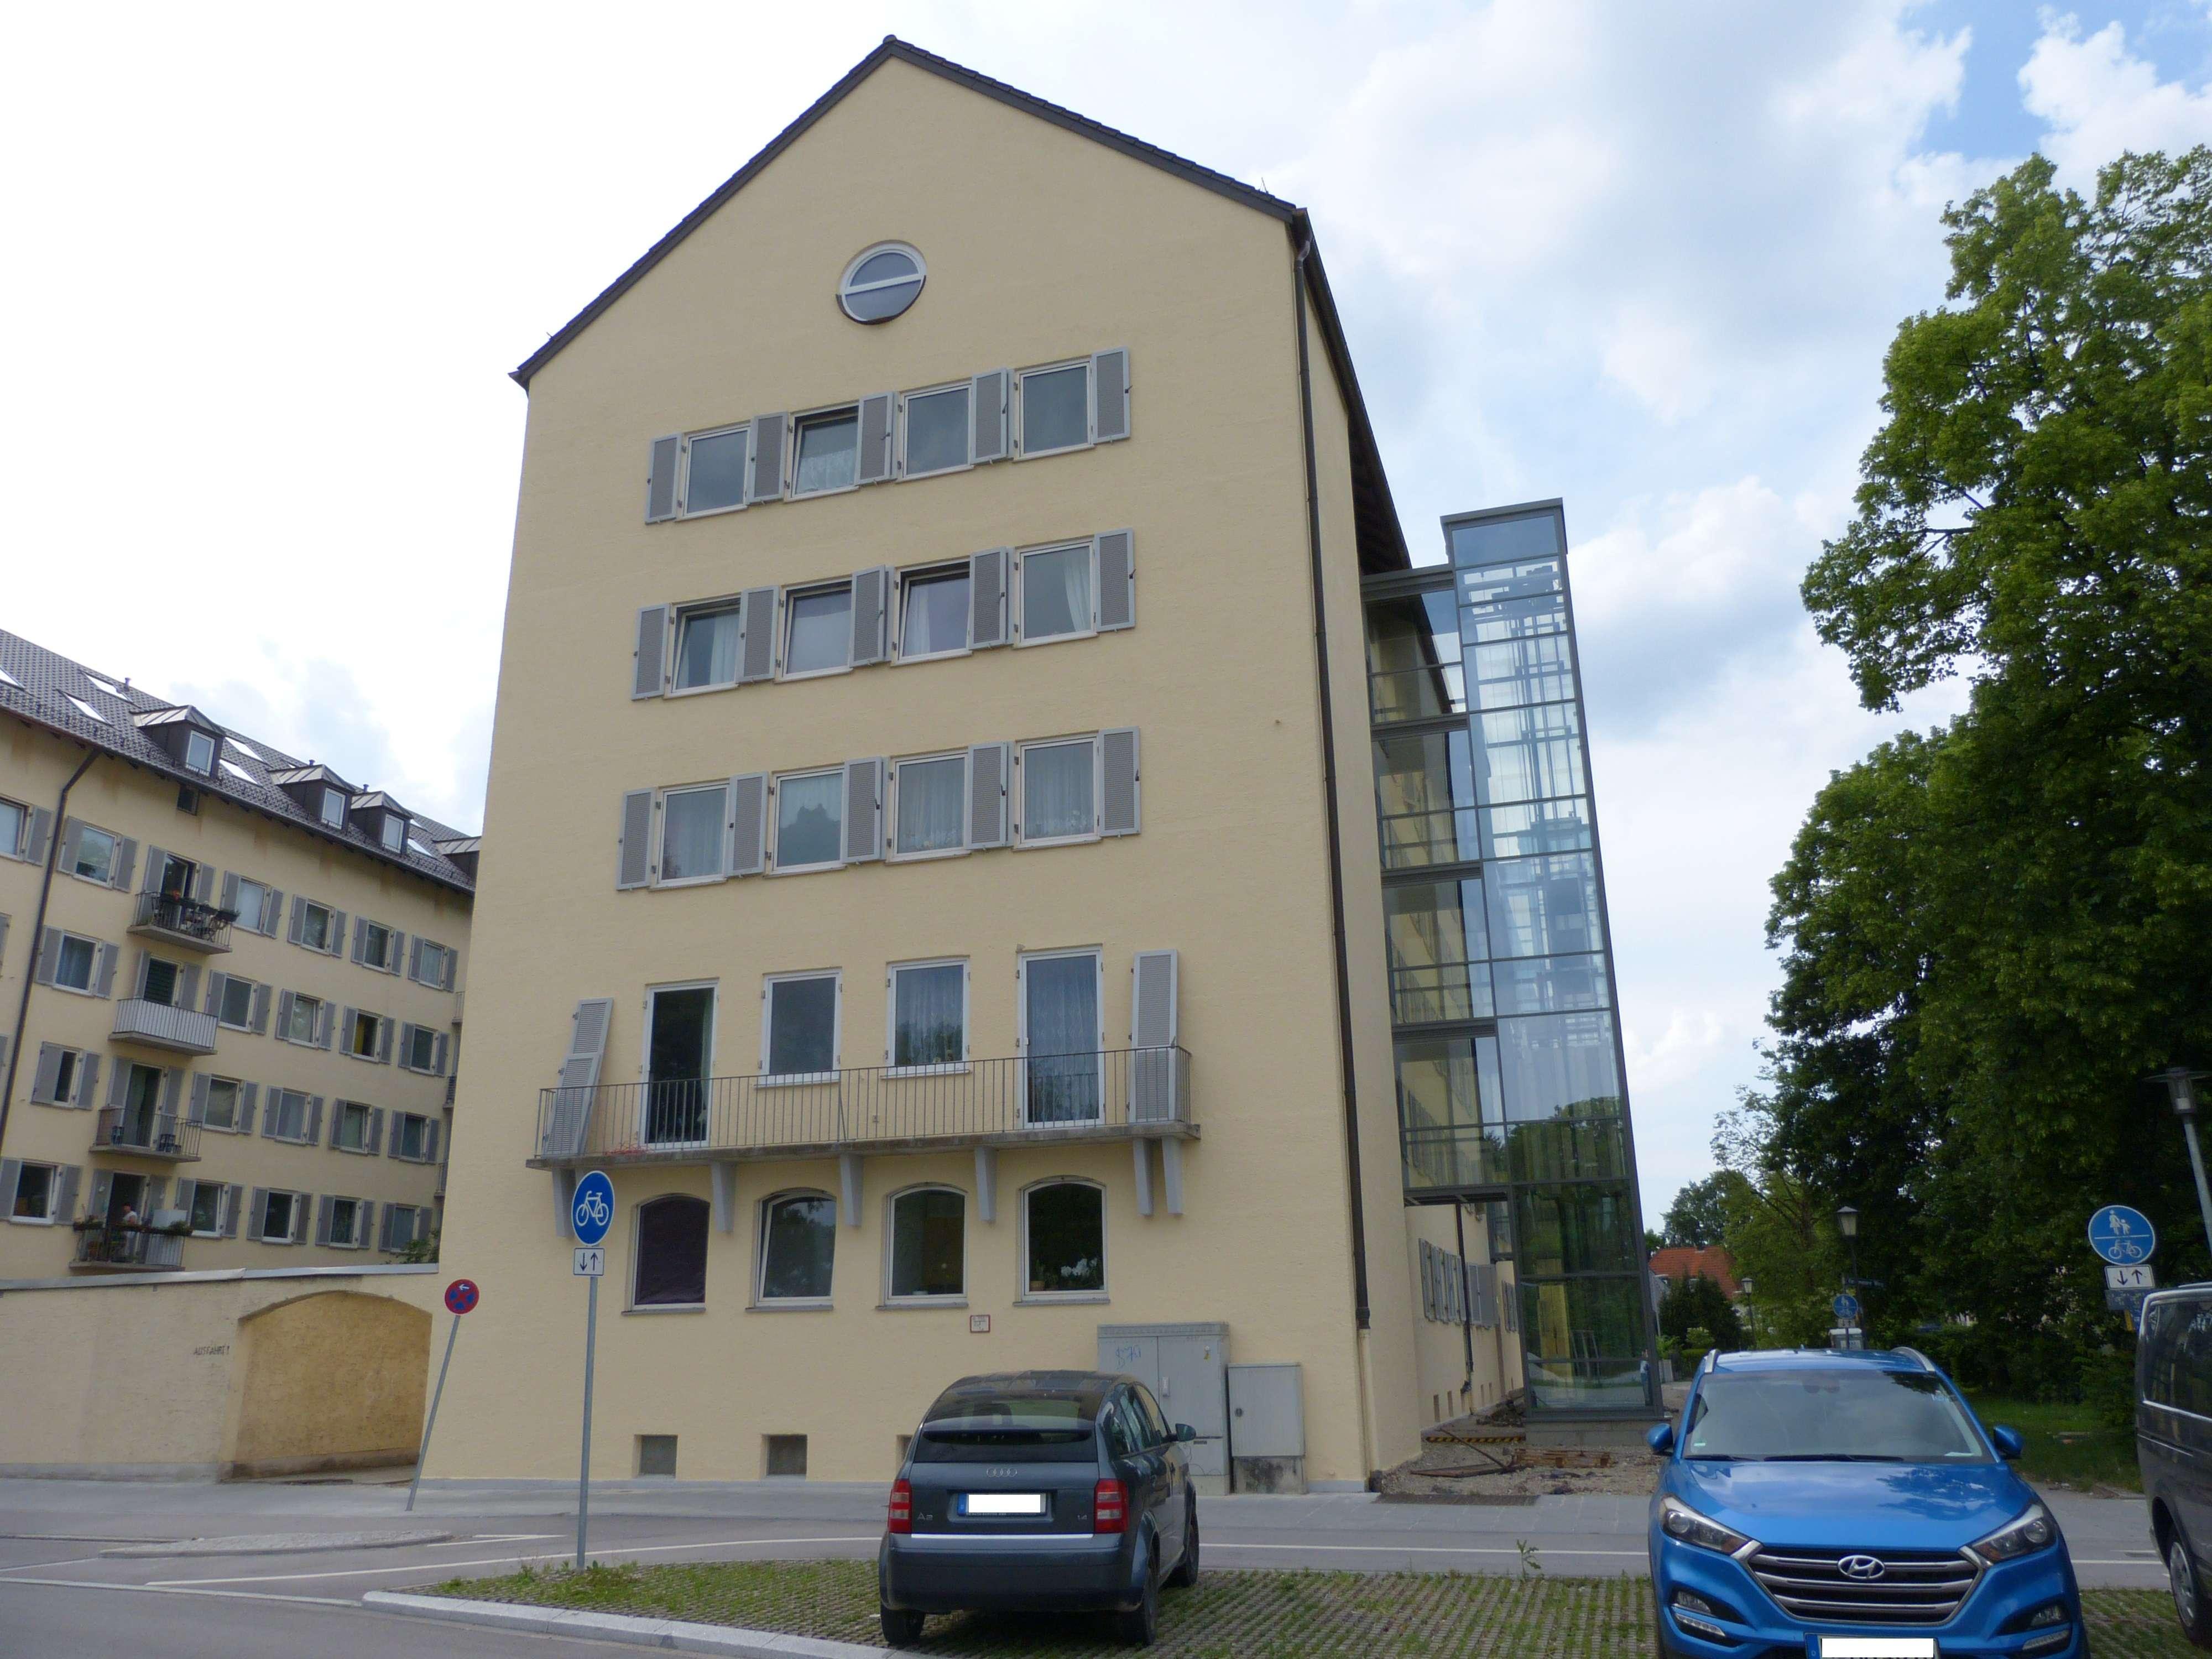 3-Zimmer-Dachgeschoß-Wohnung mit offener Wohnküche und Galerie in Sendling/Westpark